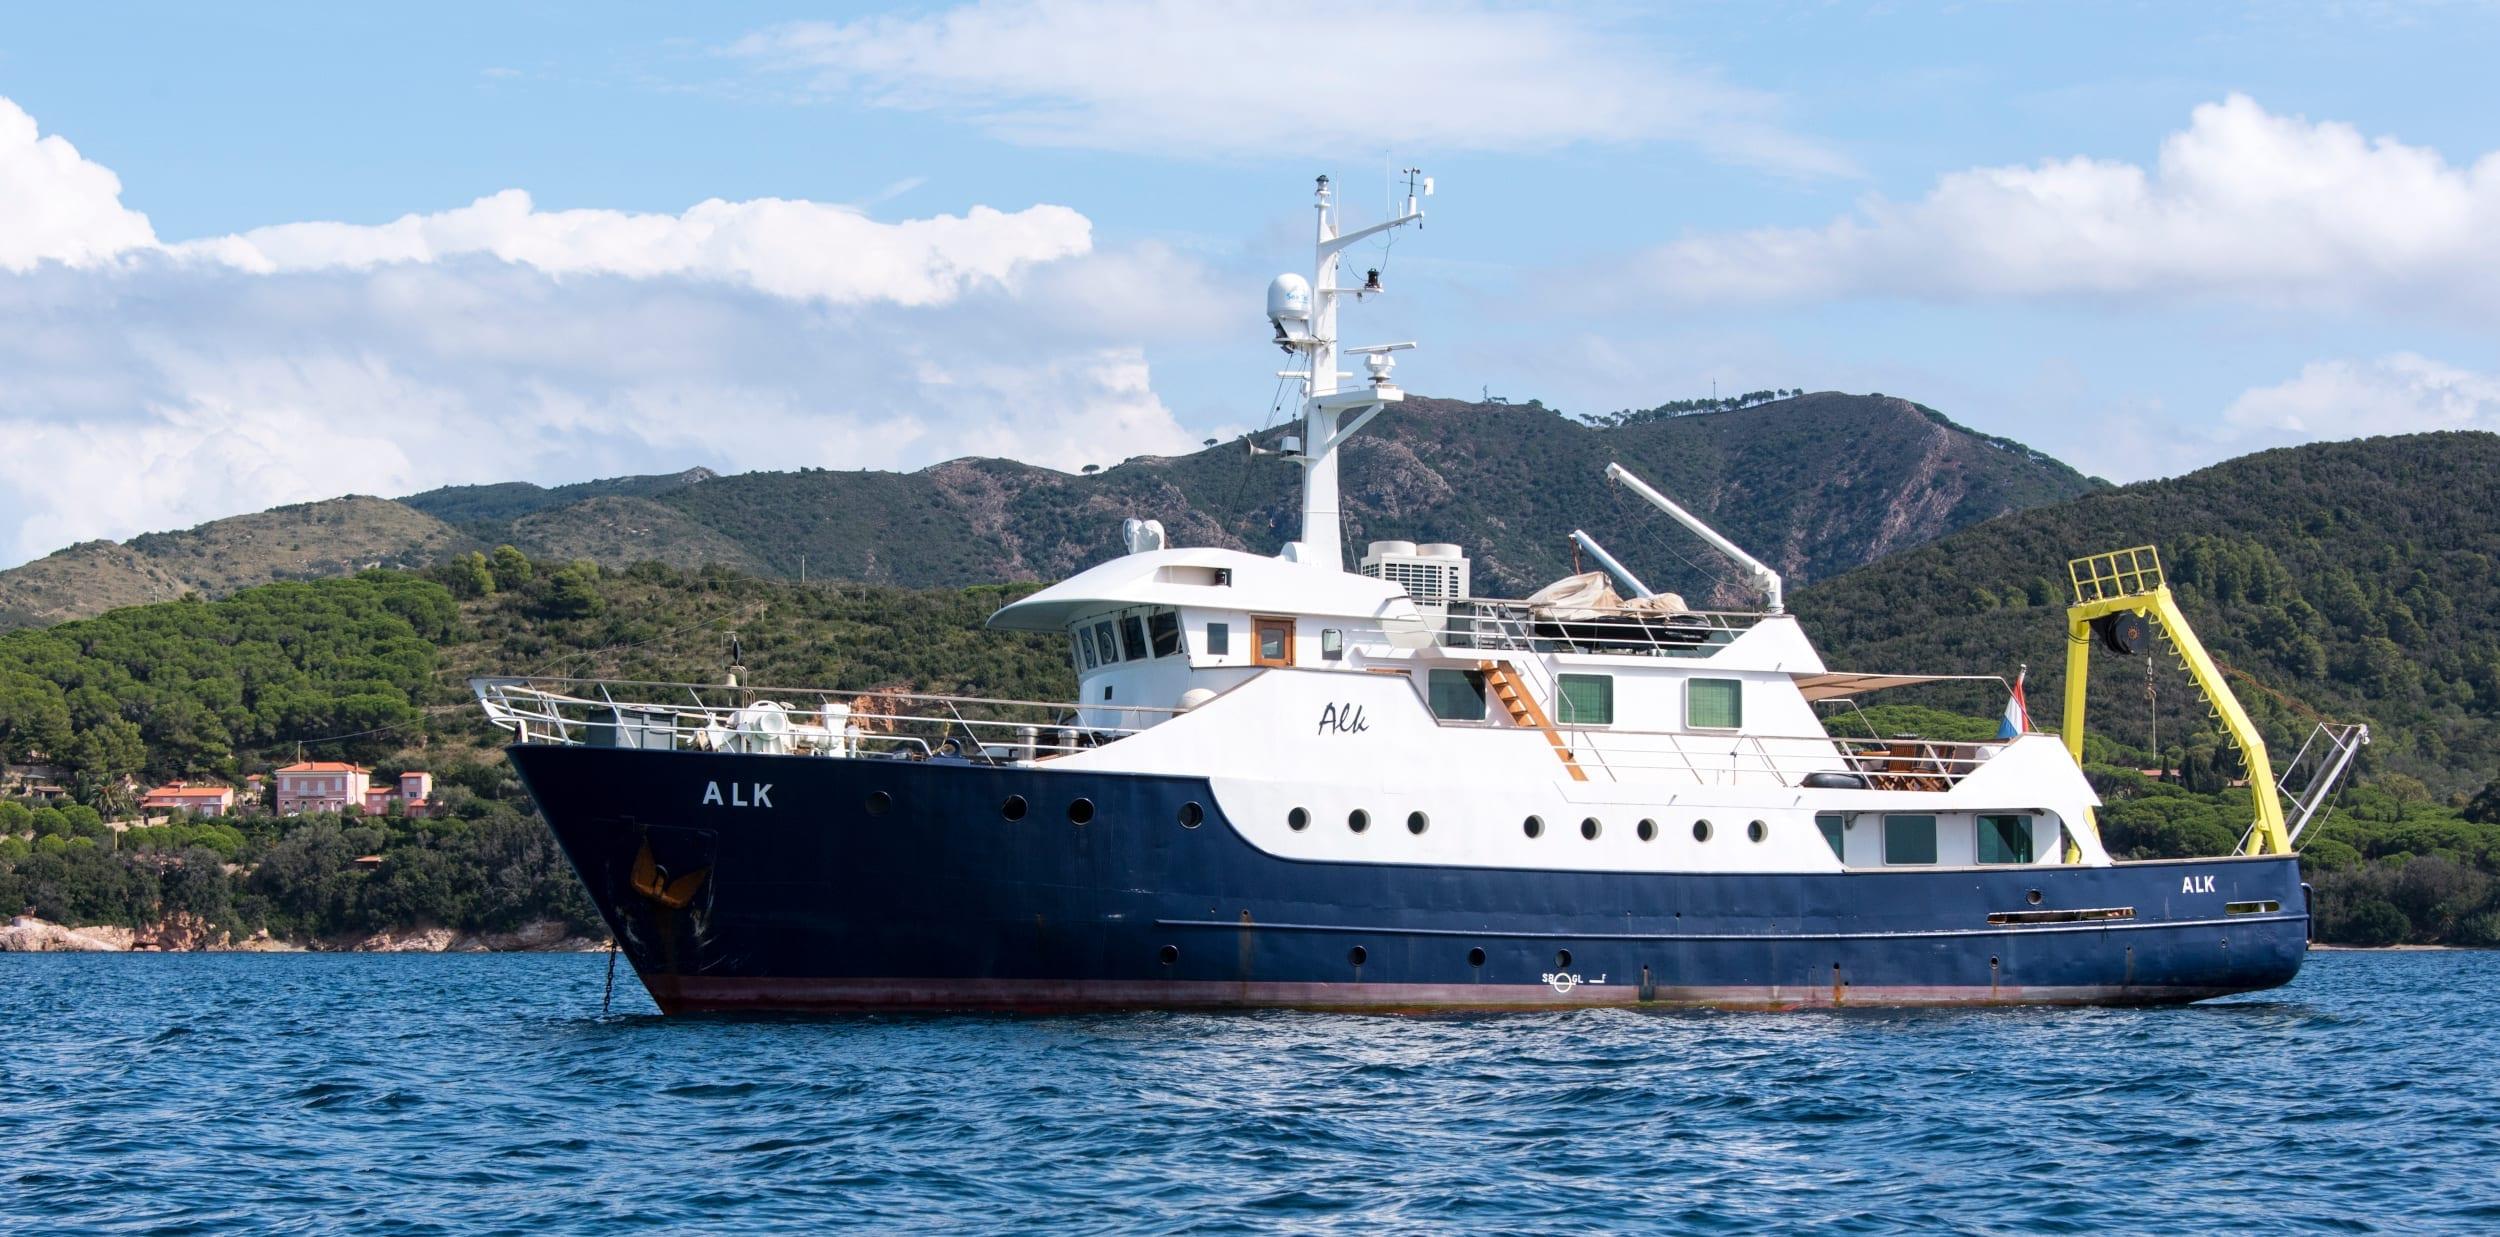 Support Vessel Alk Profile